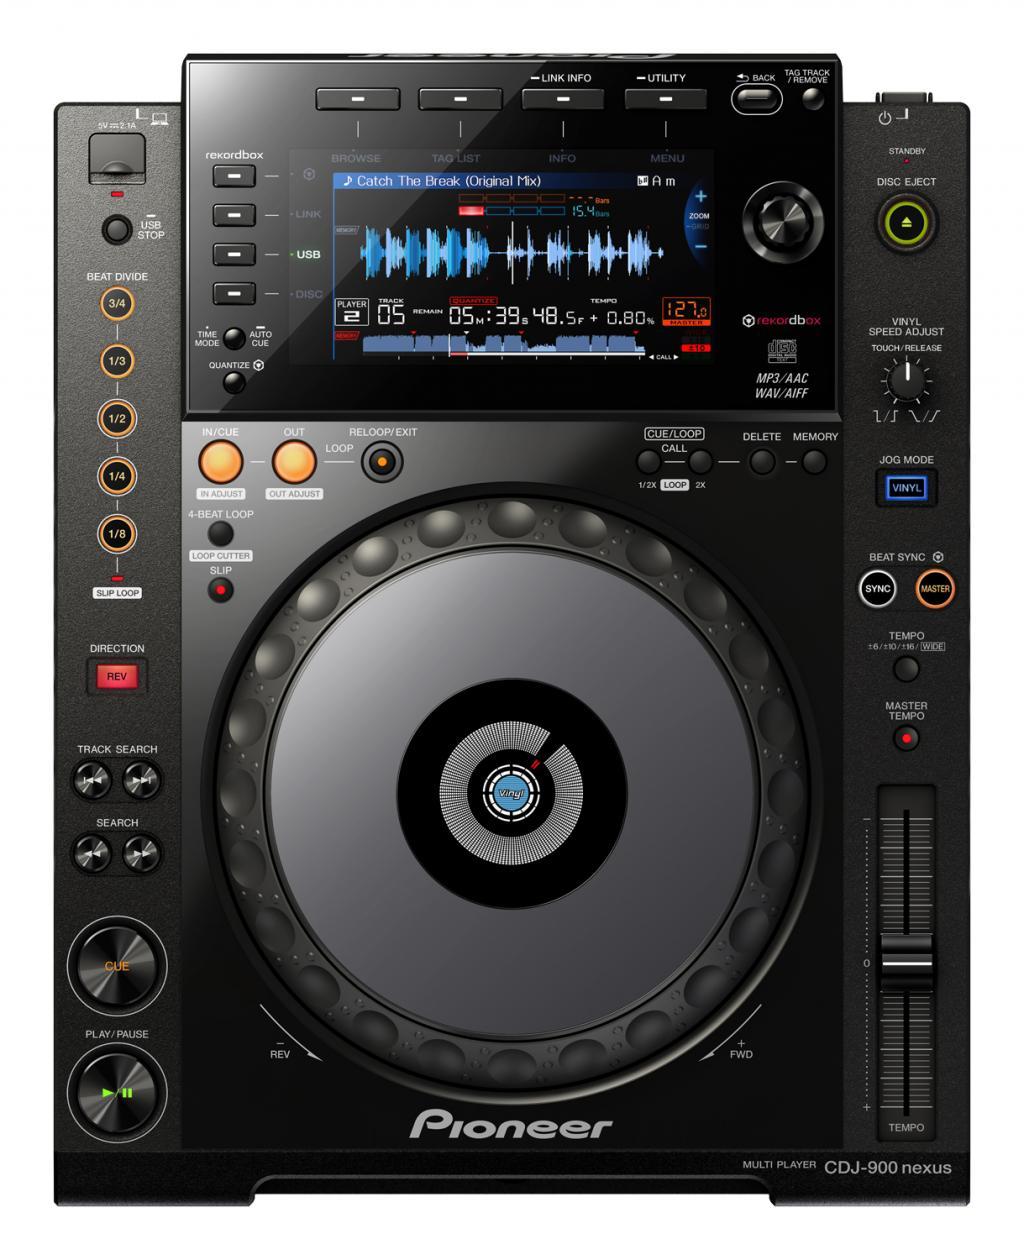 Digital Dj Deck Pioneer Cdj-900nxs